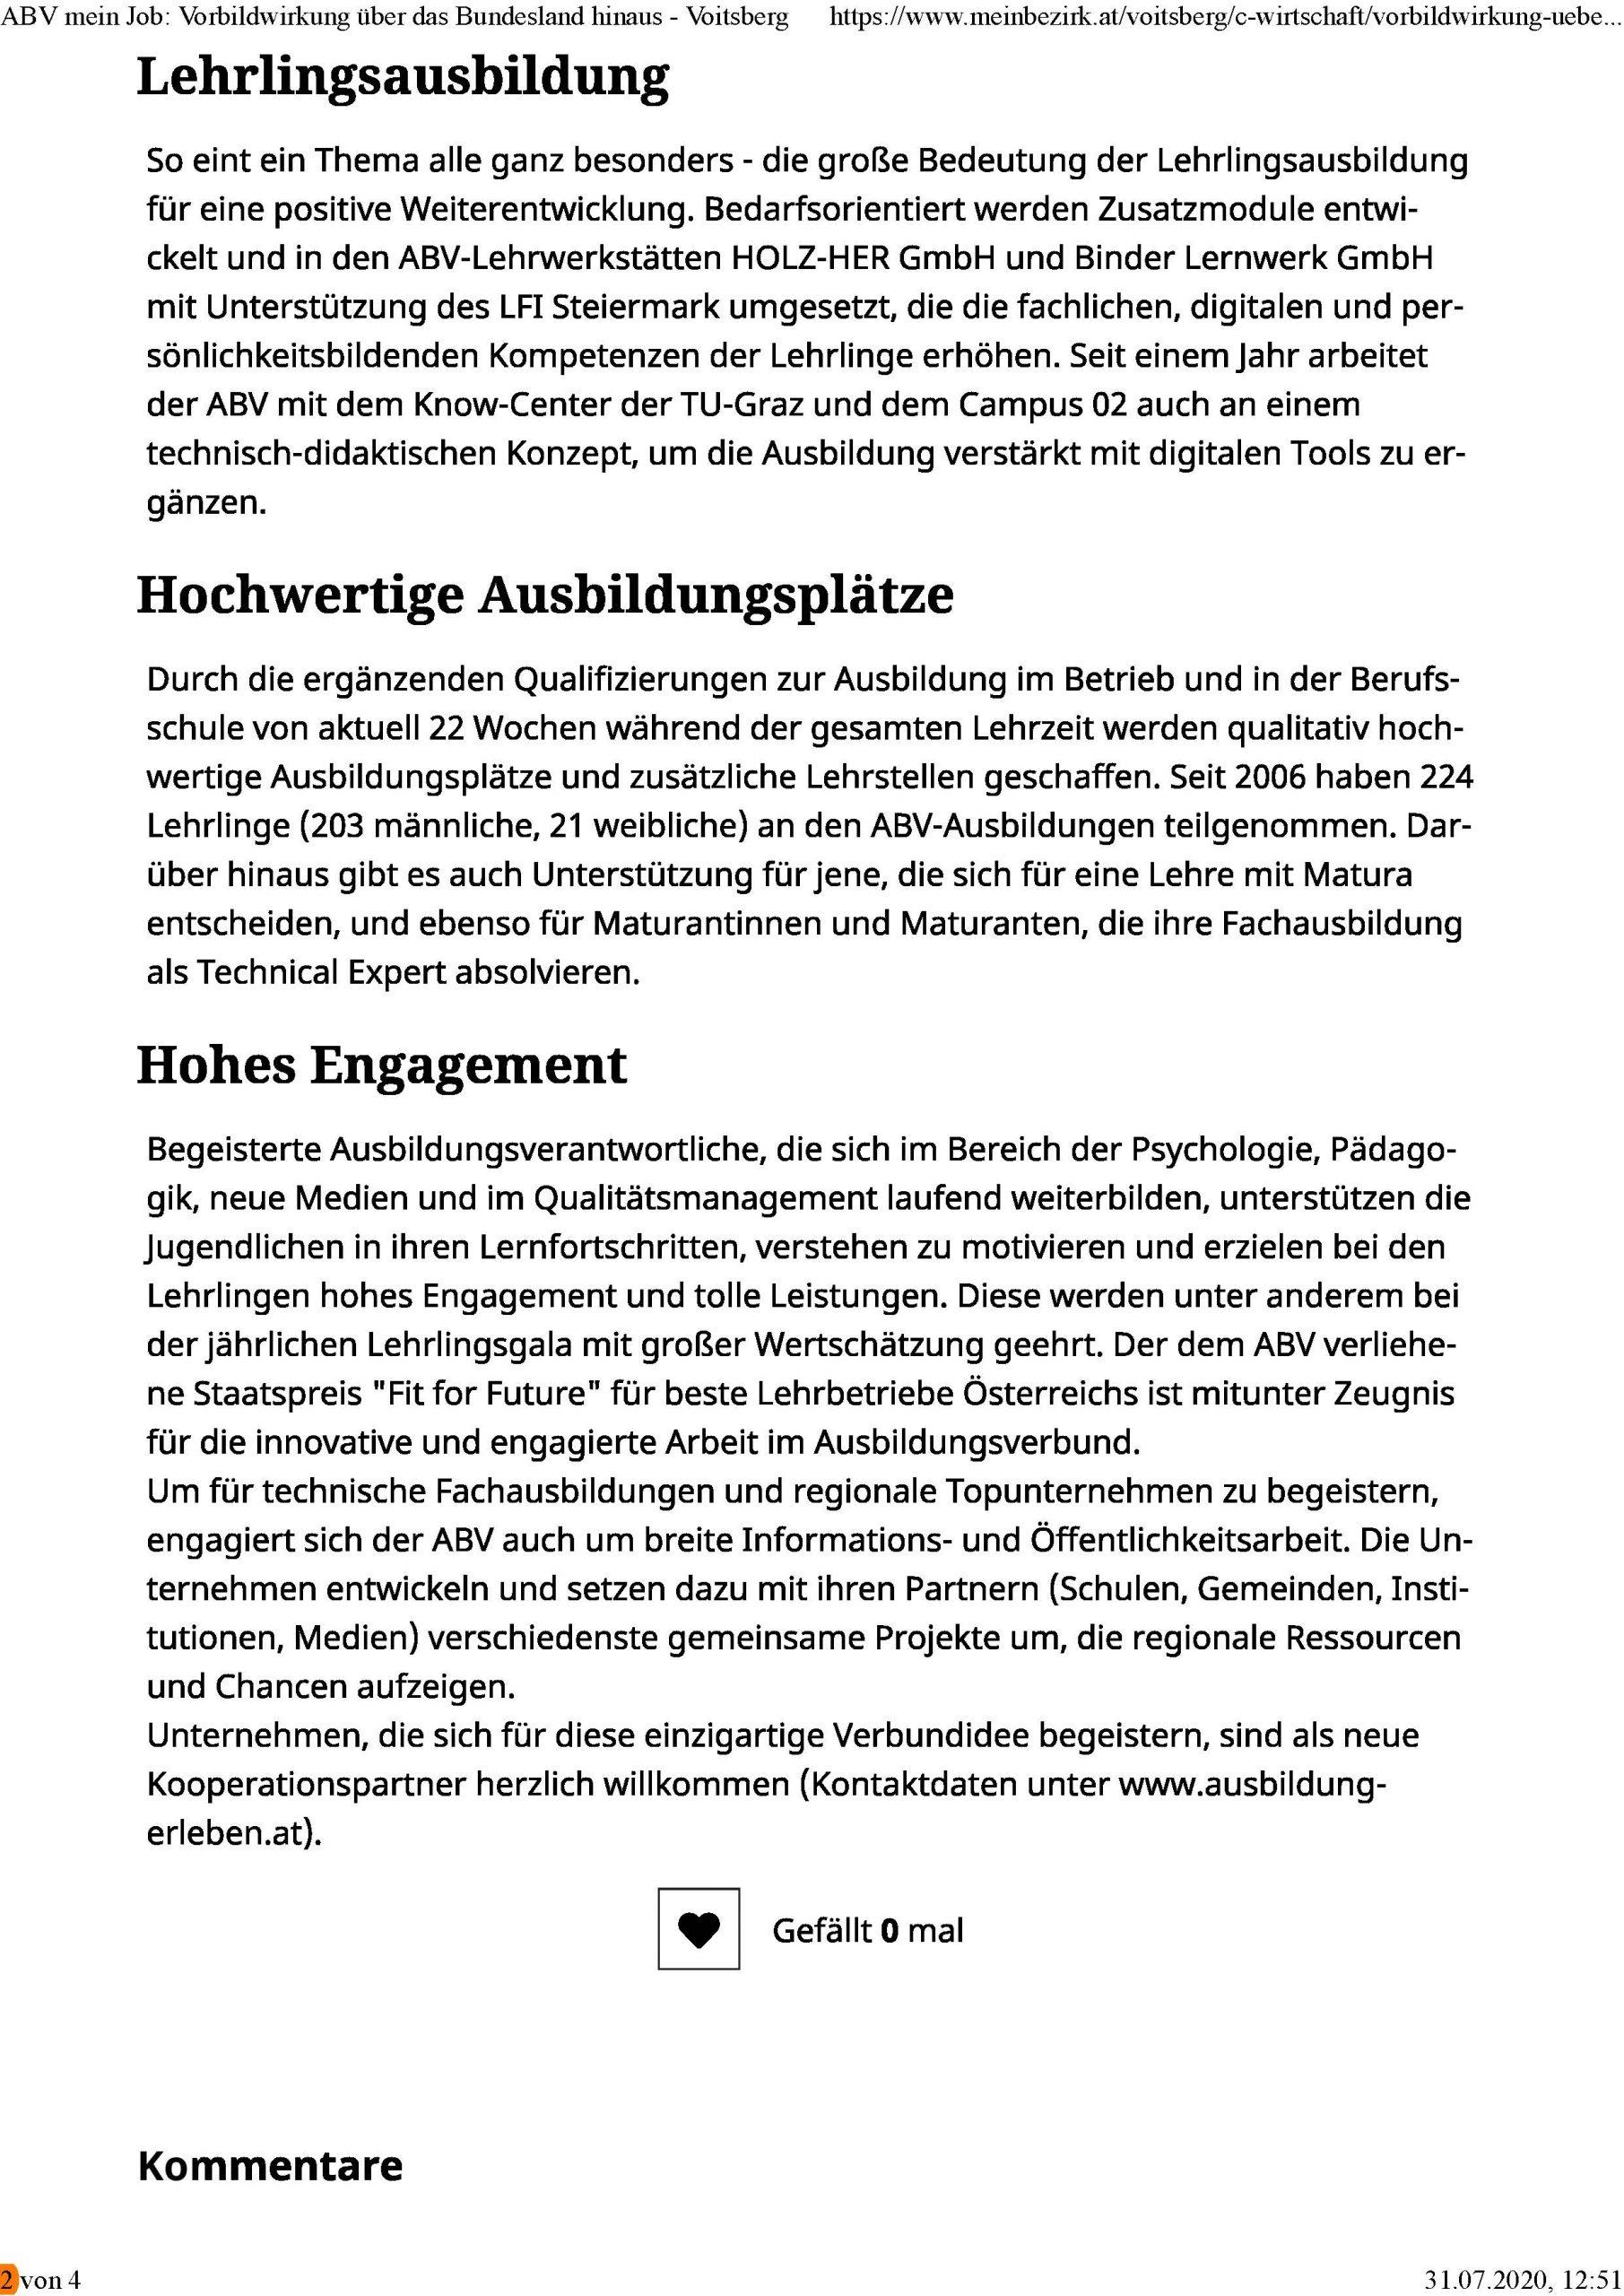 2020-07-21_MeinBezirk.at_ABV mein Job-Vorbildwirkung über das Bundesland hinaus_Seite_2